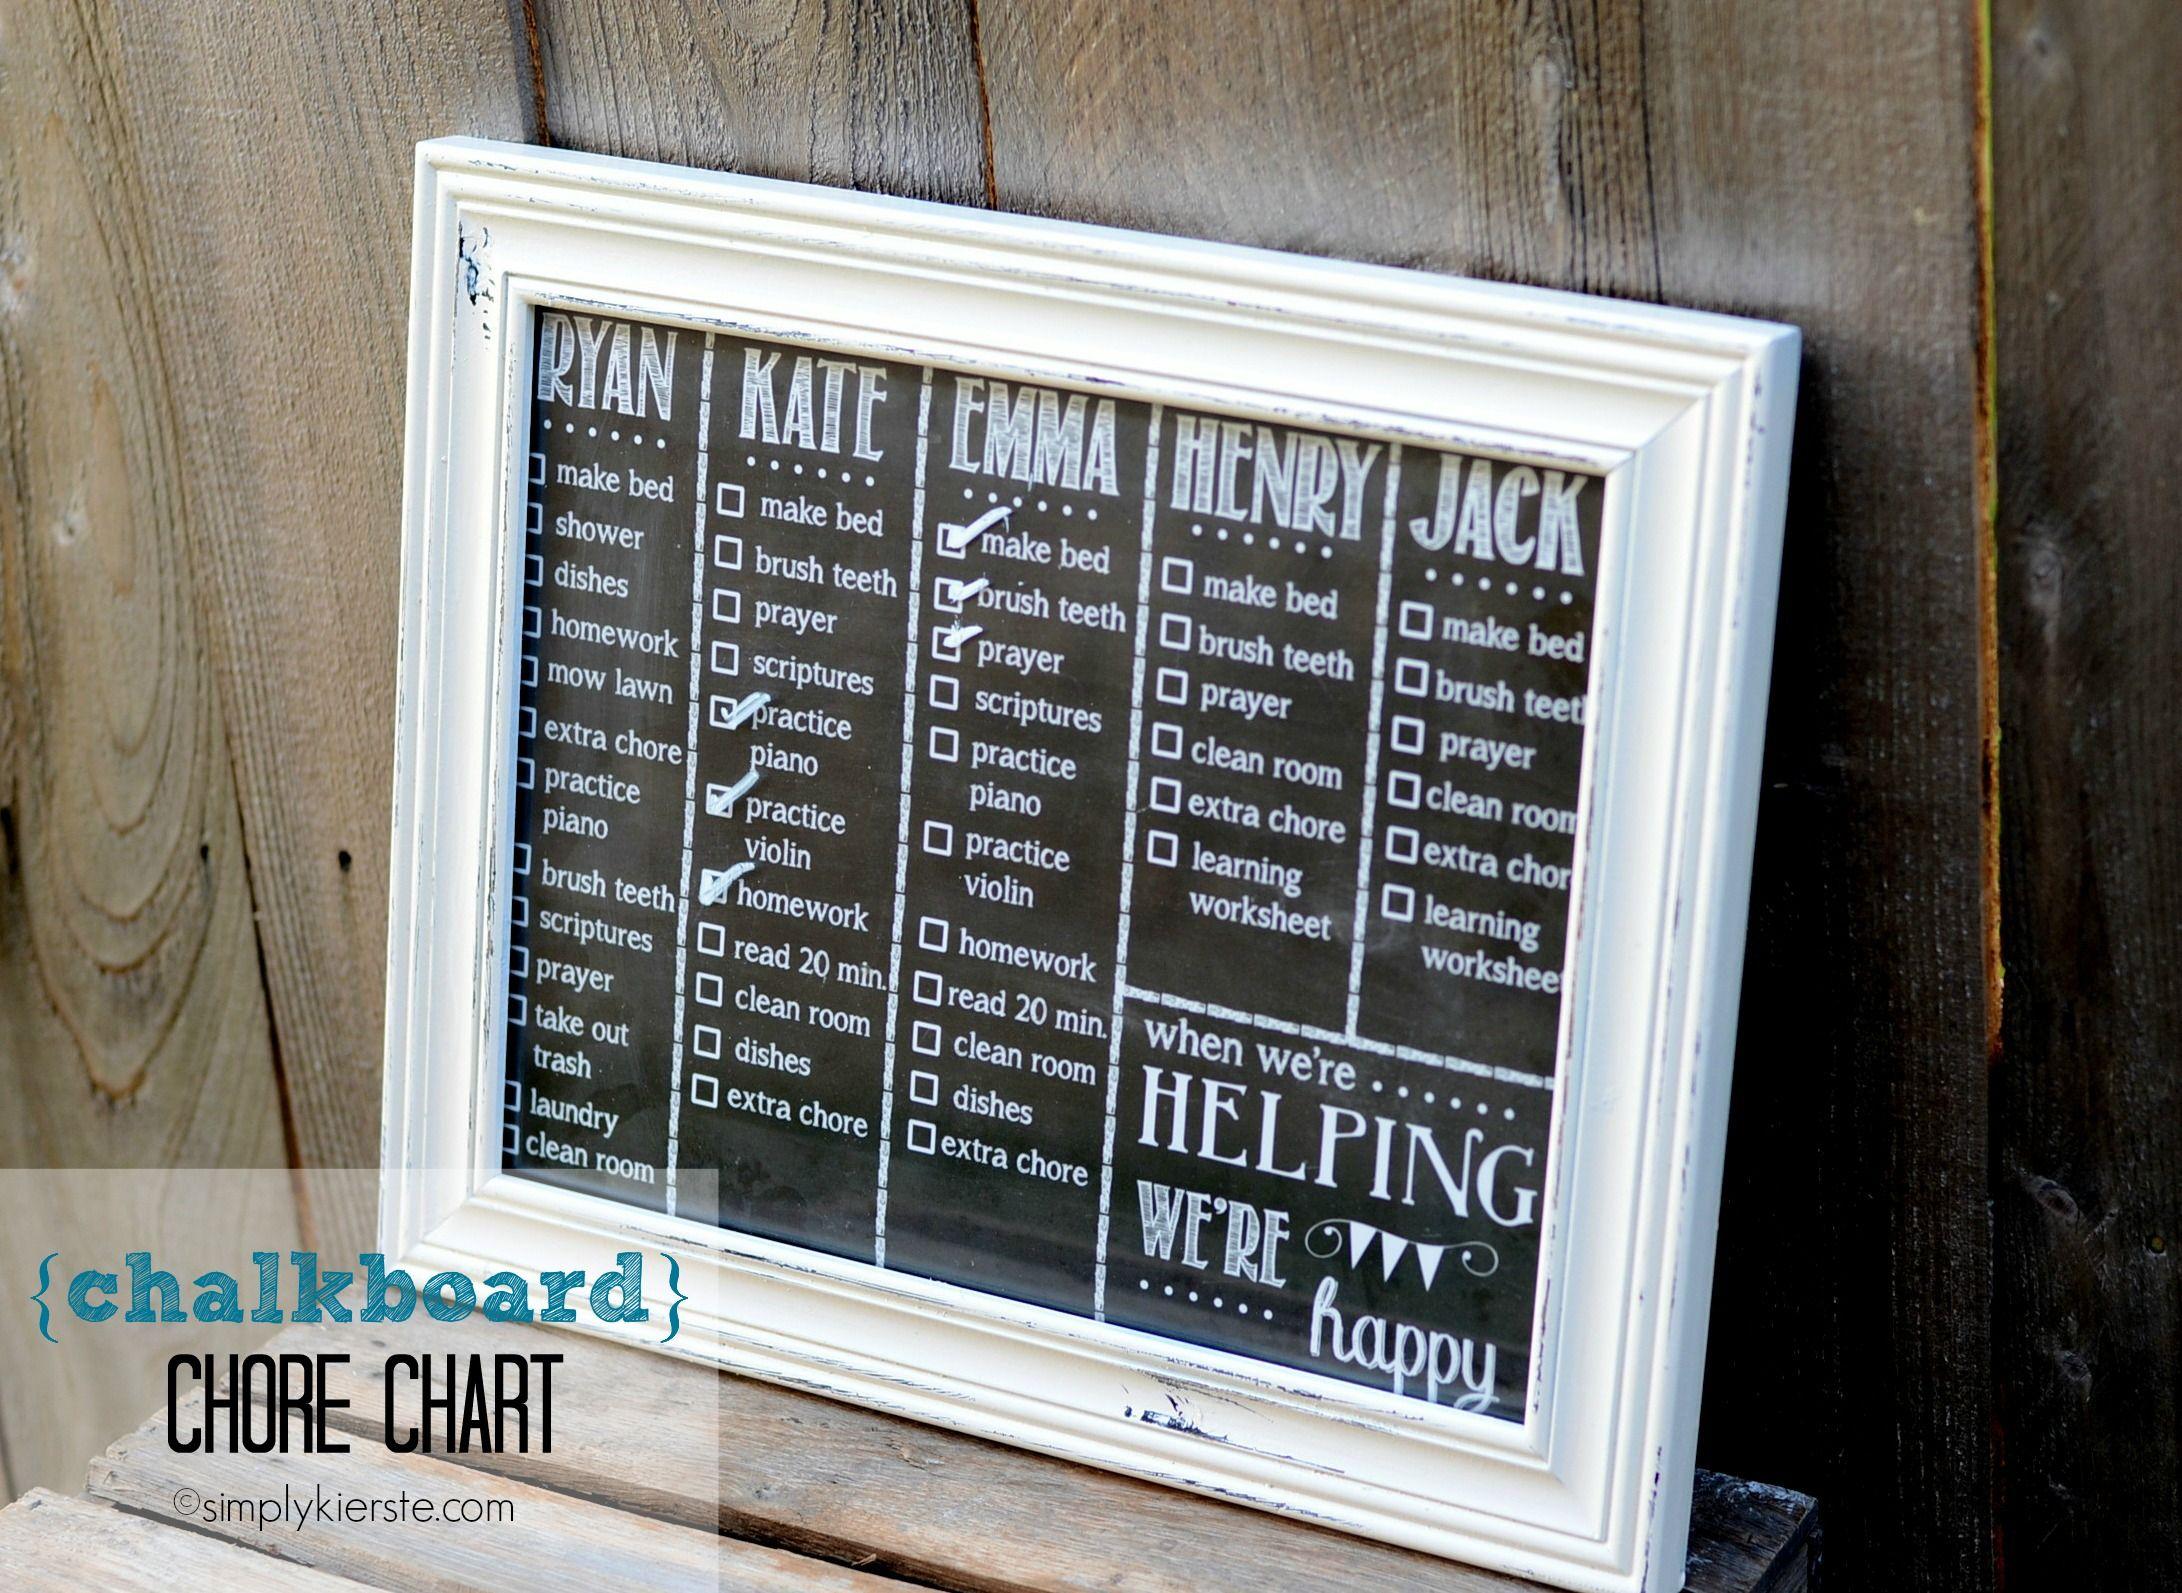 Dry Erase Chalkboard Chore Chart Chore Chart Chore Chart Kids